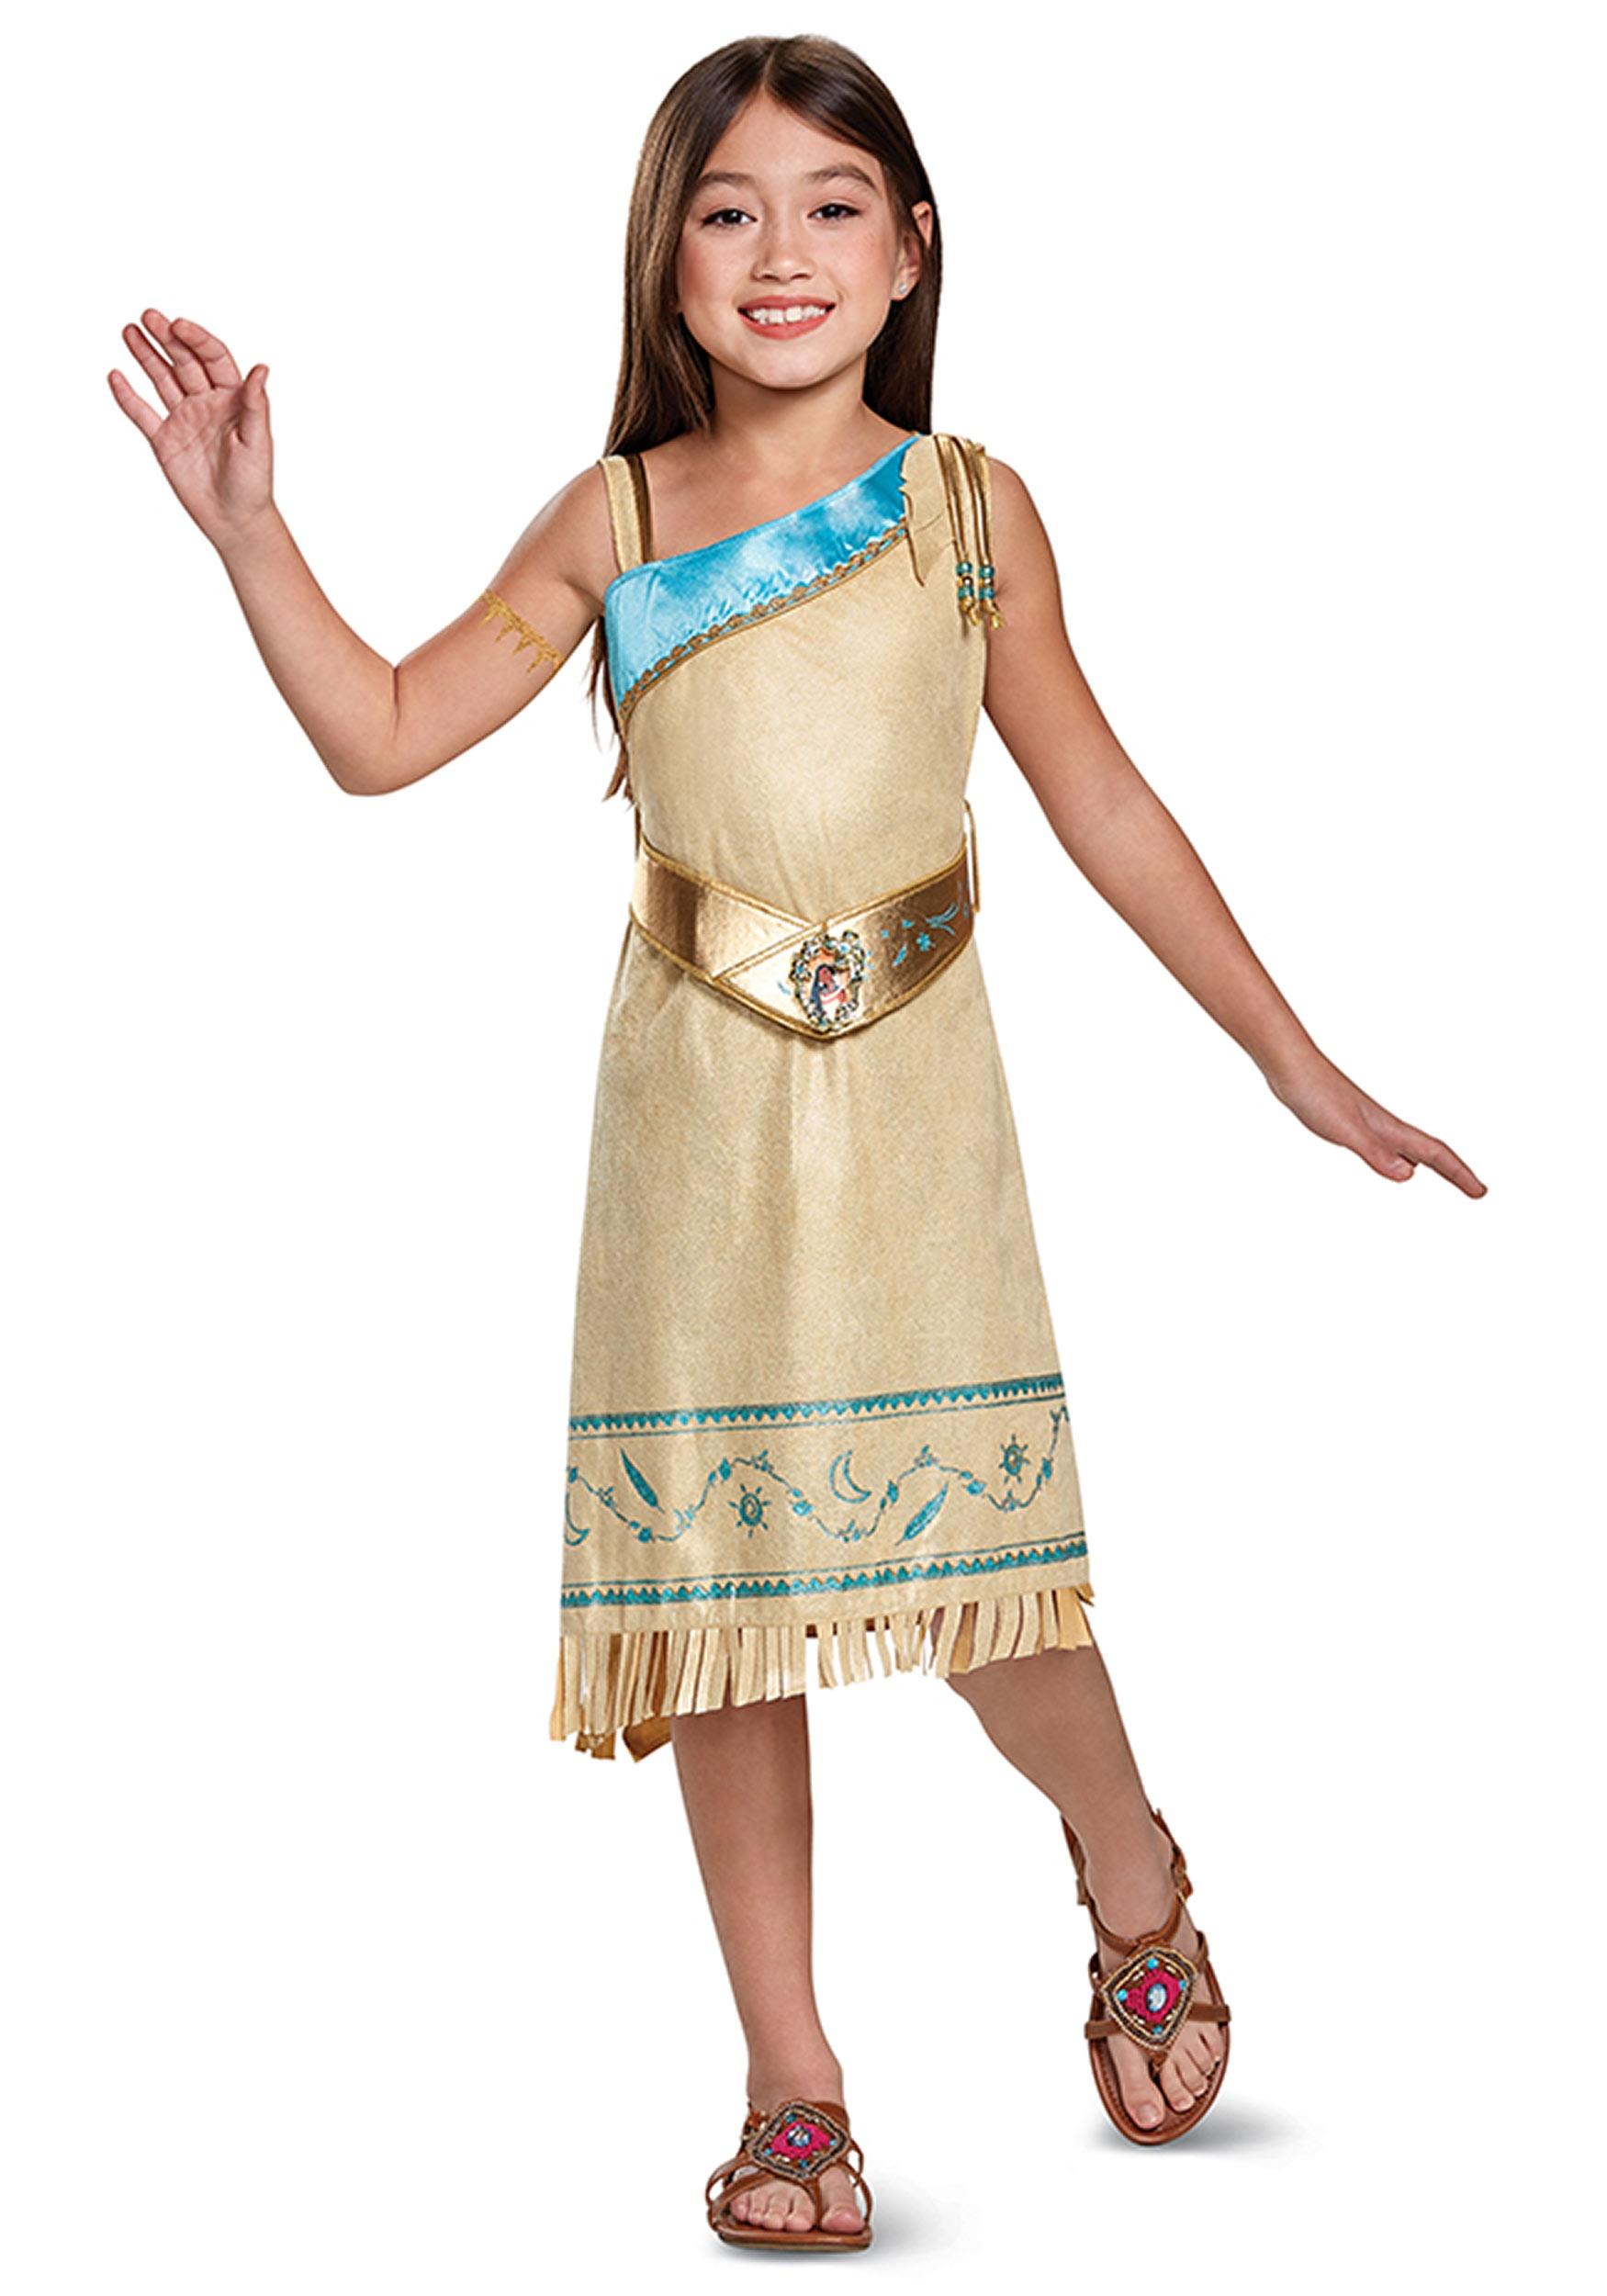 Kids Pocohontas Halloween Costumes 2020 Pocahontas Deluxe Child Costume